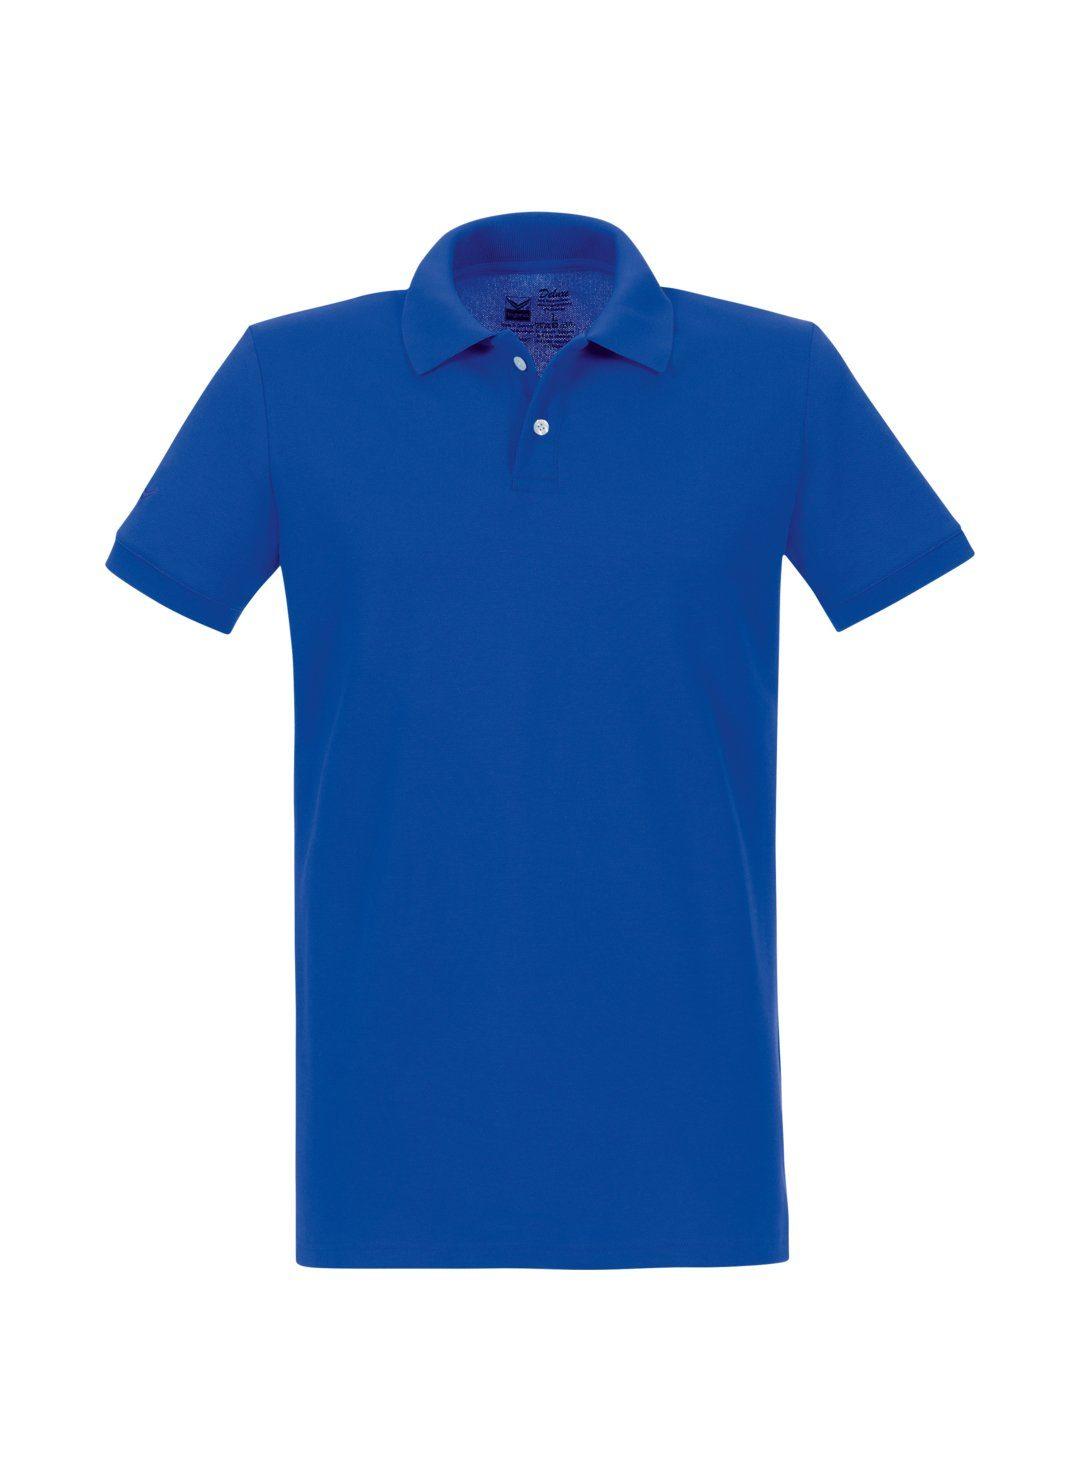 Trigema Poloshirt aus elast Piqué | Bekleidung > Shirts > Poloshirts | Blau | Trigema